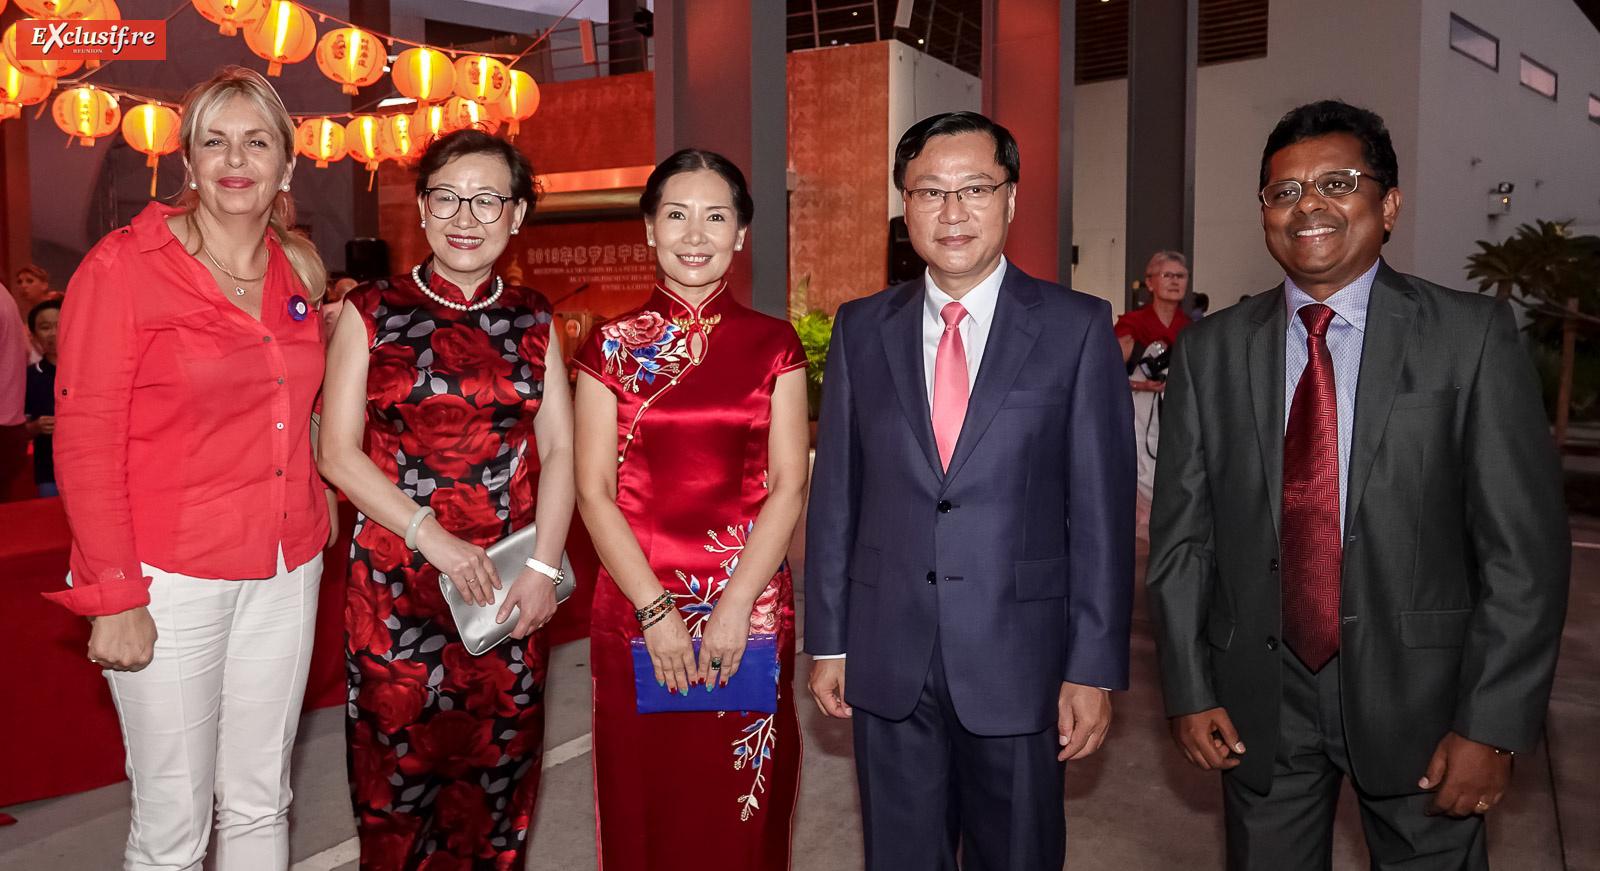 Evelyne Veil Charlannes, Consul de Norvège, Yang Qing, vice-consule générale de Chine à La Réunion, Dong Zhijiao, son époux Chen Zhihong, Consul Général de la République populaire de Chine à La Réunion, et Babu Paul, Consul Général de l'Inde à La Réunion